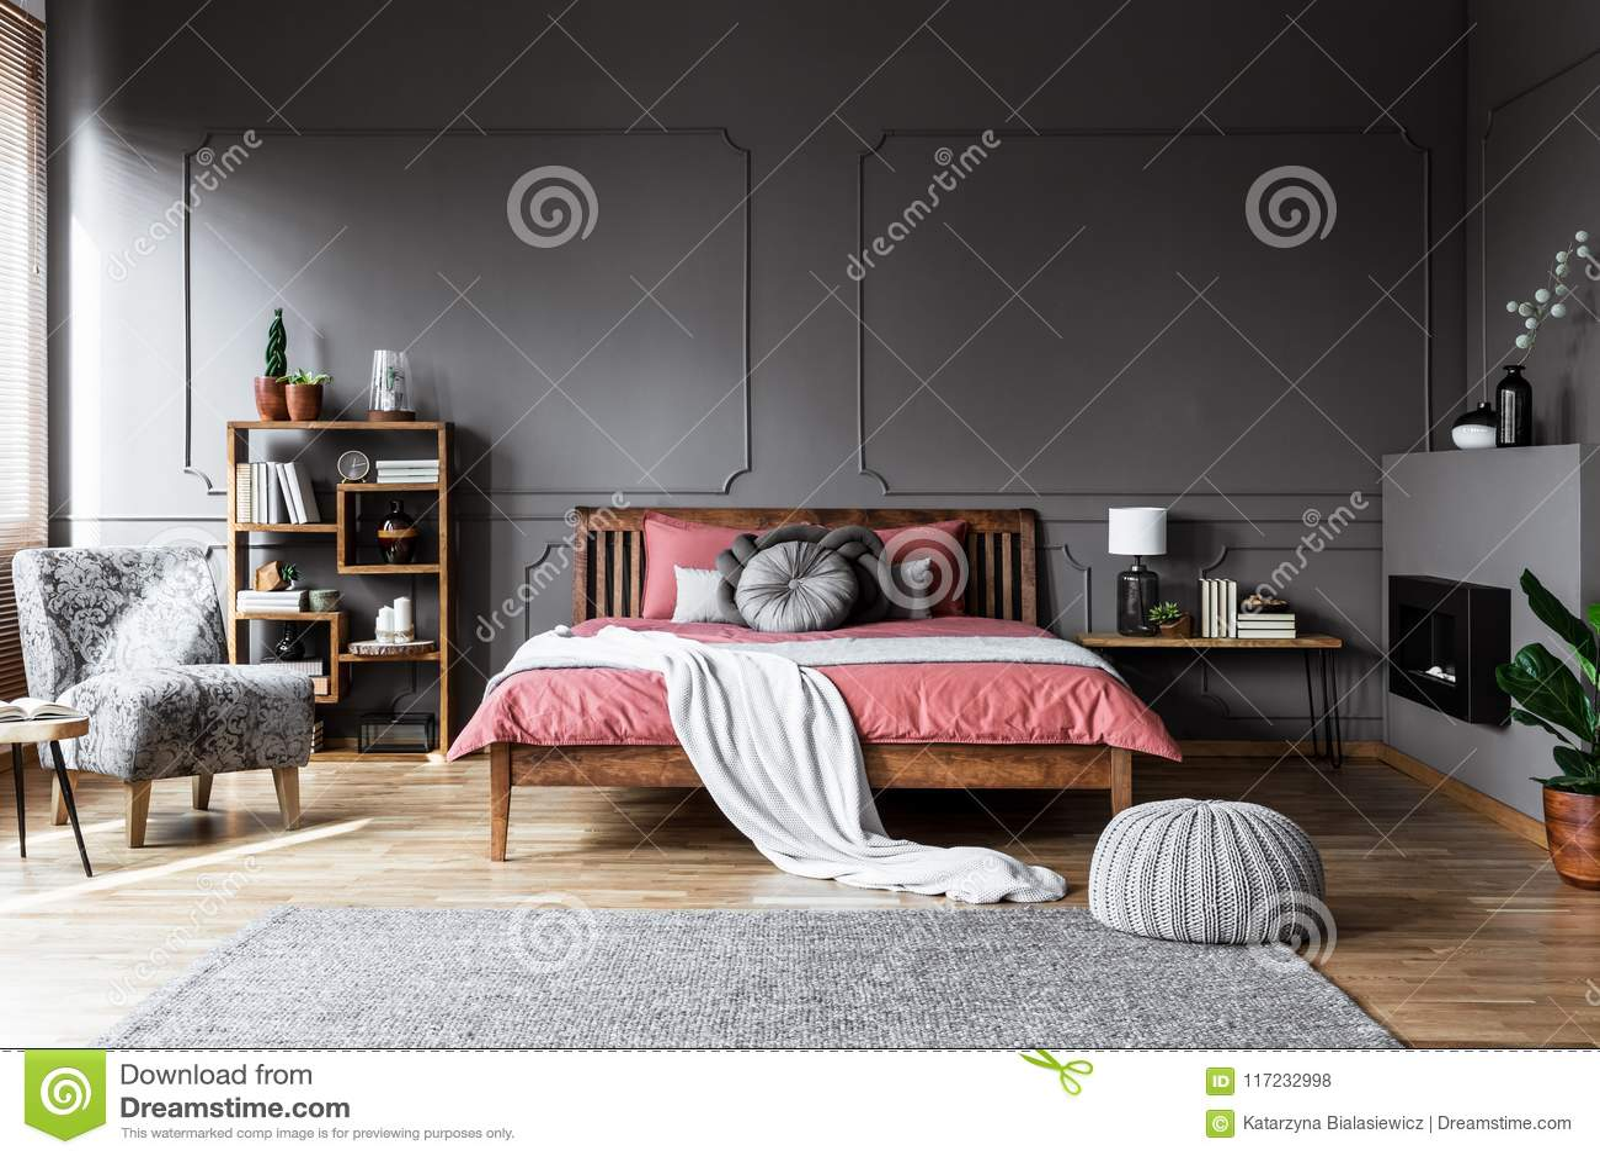 Lit Au Milieu D Une Chambre vraie photo d'un intérieur confortable de chambre à coucher